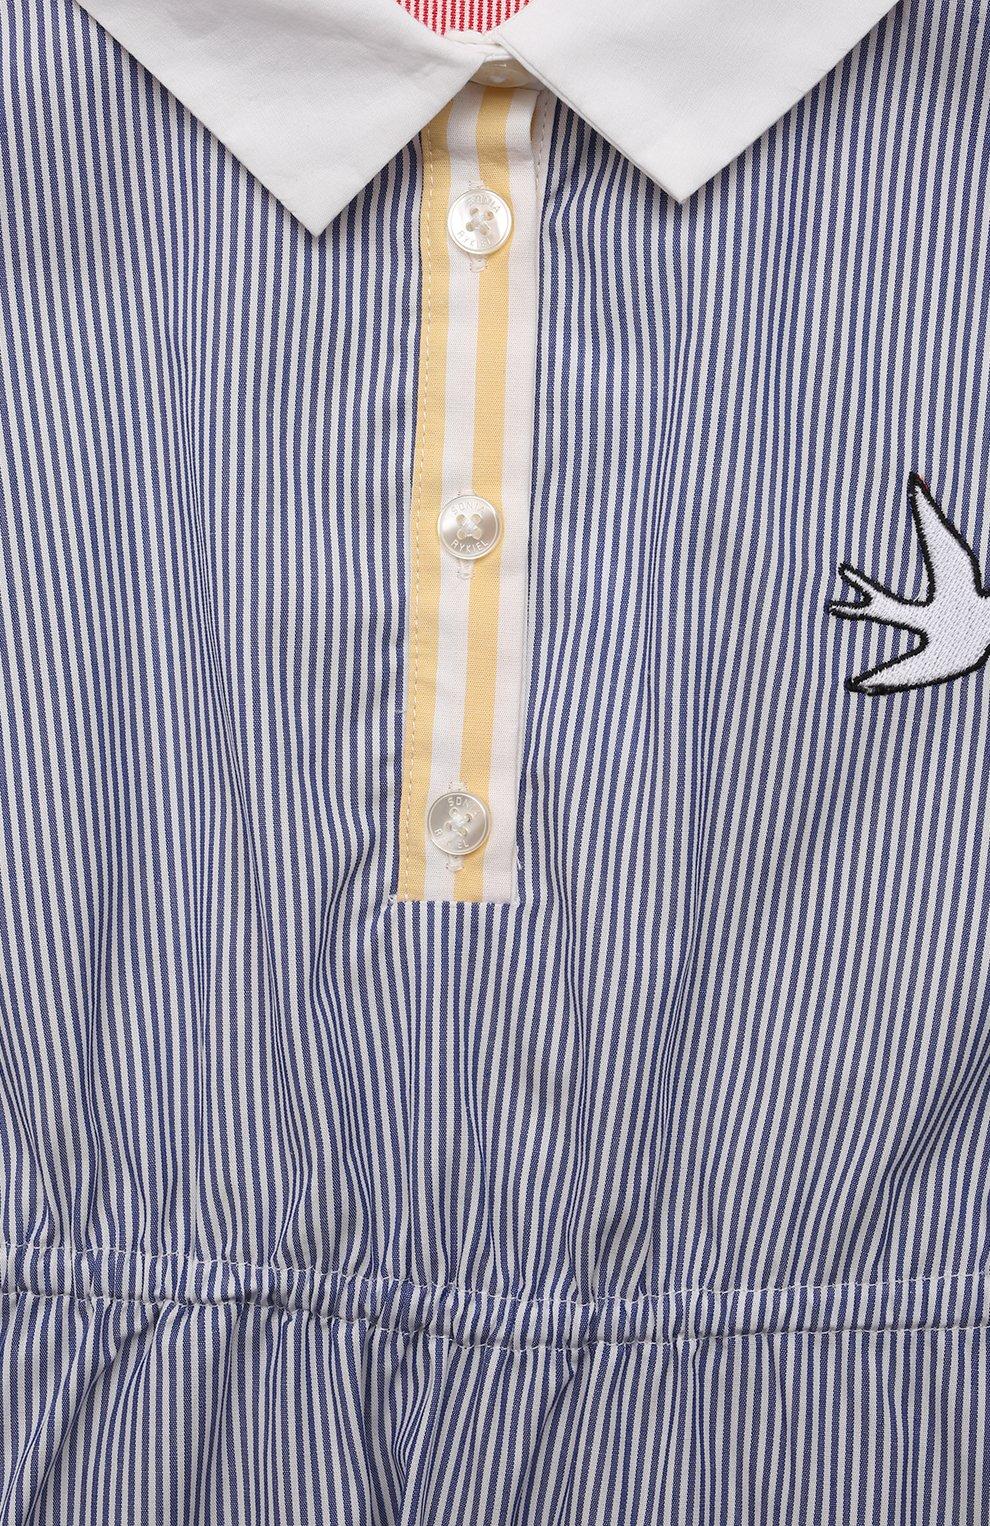 Детское хлопковое платье SONIA RYKIEL ENFANT синего цвета, арт. 21S1DR02 | Фото 3 (Случай: Повседневный; Материал внешний: Хлопок; Рукава: Без рукавов; Девочки Кросс-КТ: Платье-одежда; Ростовка одежда: 10 - 11 лет | 140 - 146см, 12 лет | 152 см, 13 - 15 лет | 158 см, 4 года | 104 см, 6 лет | 116 см, 8 лет | 128 см)